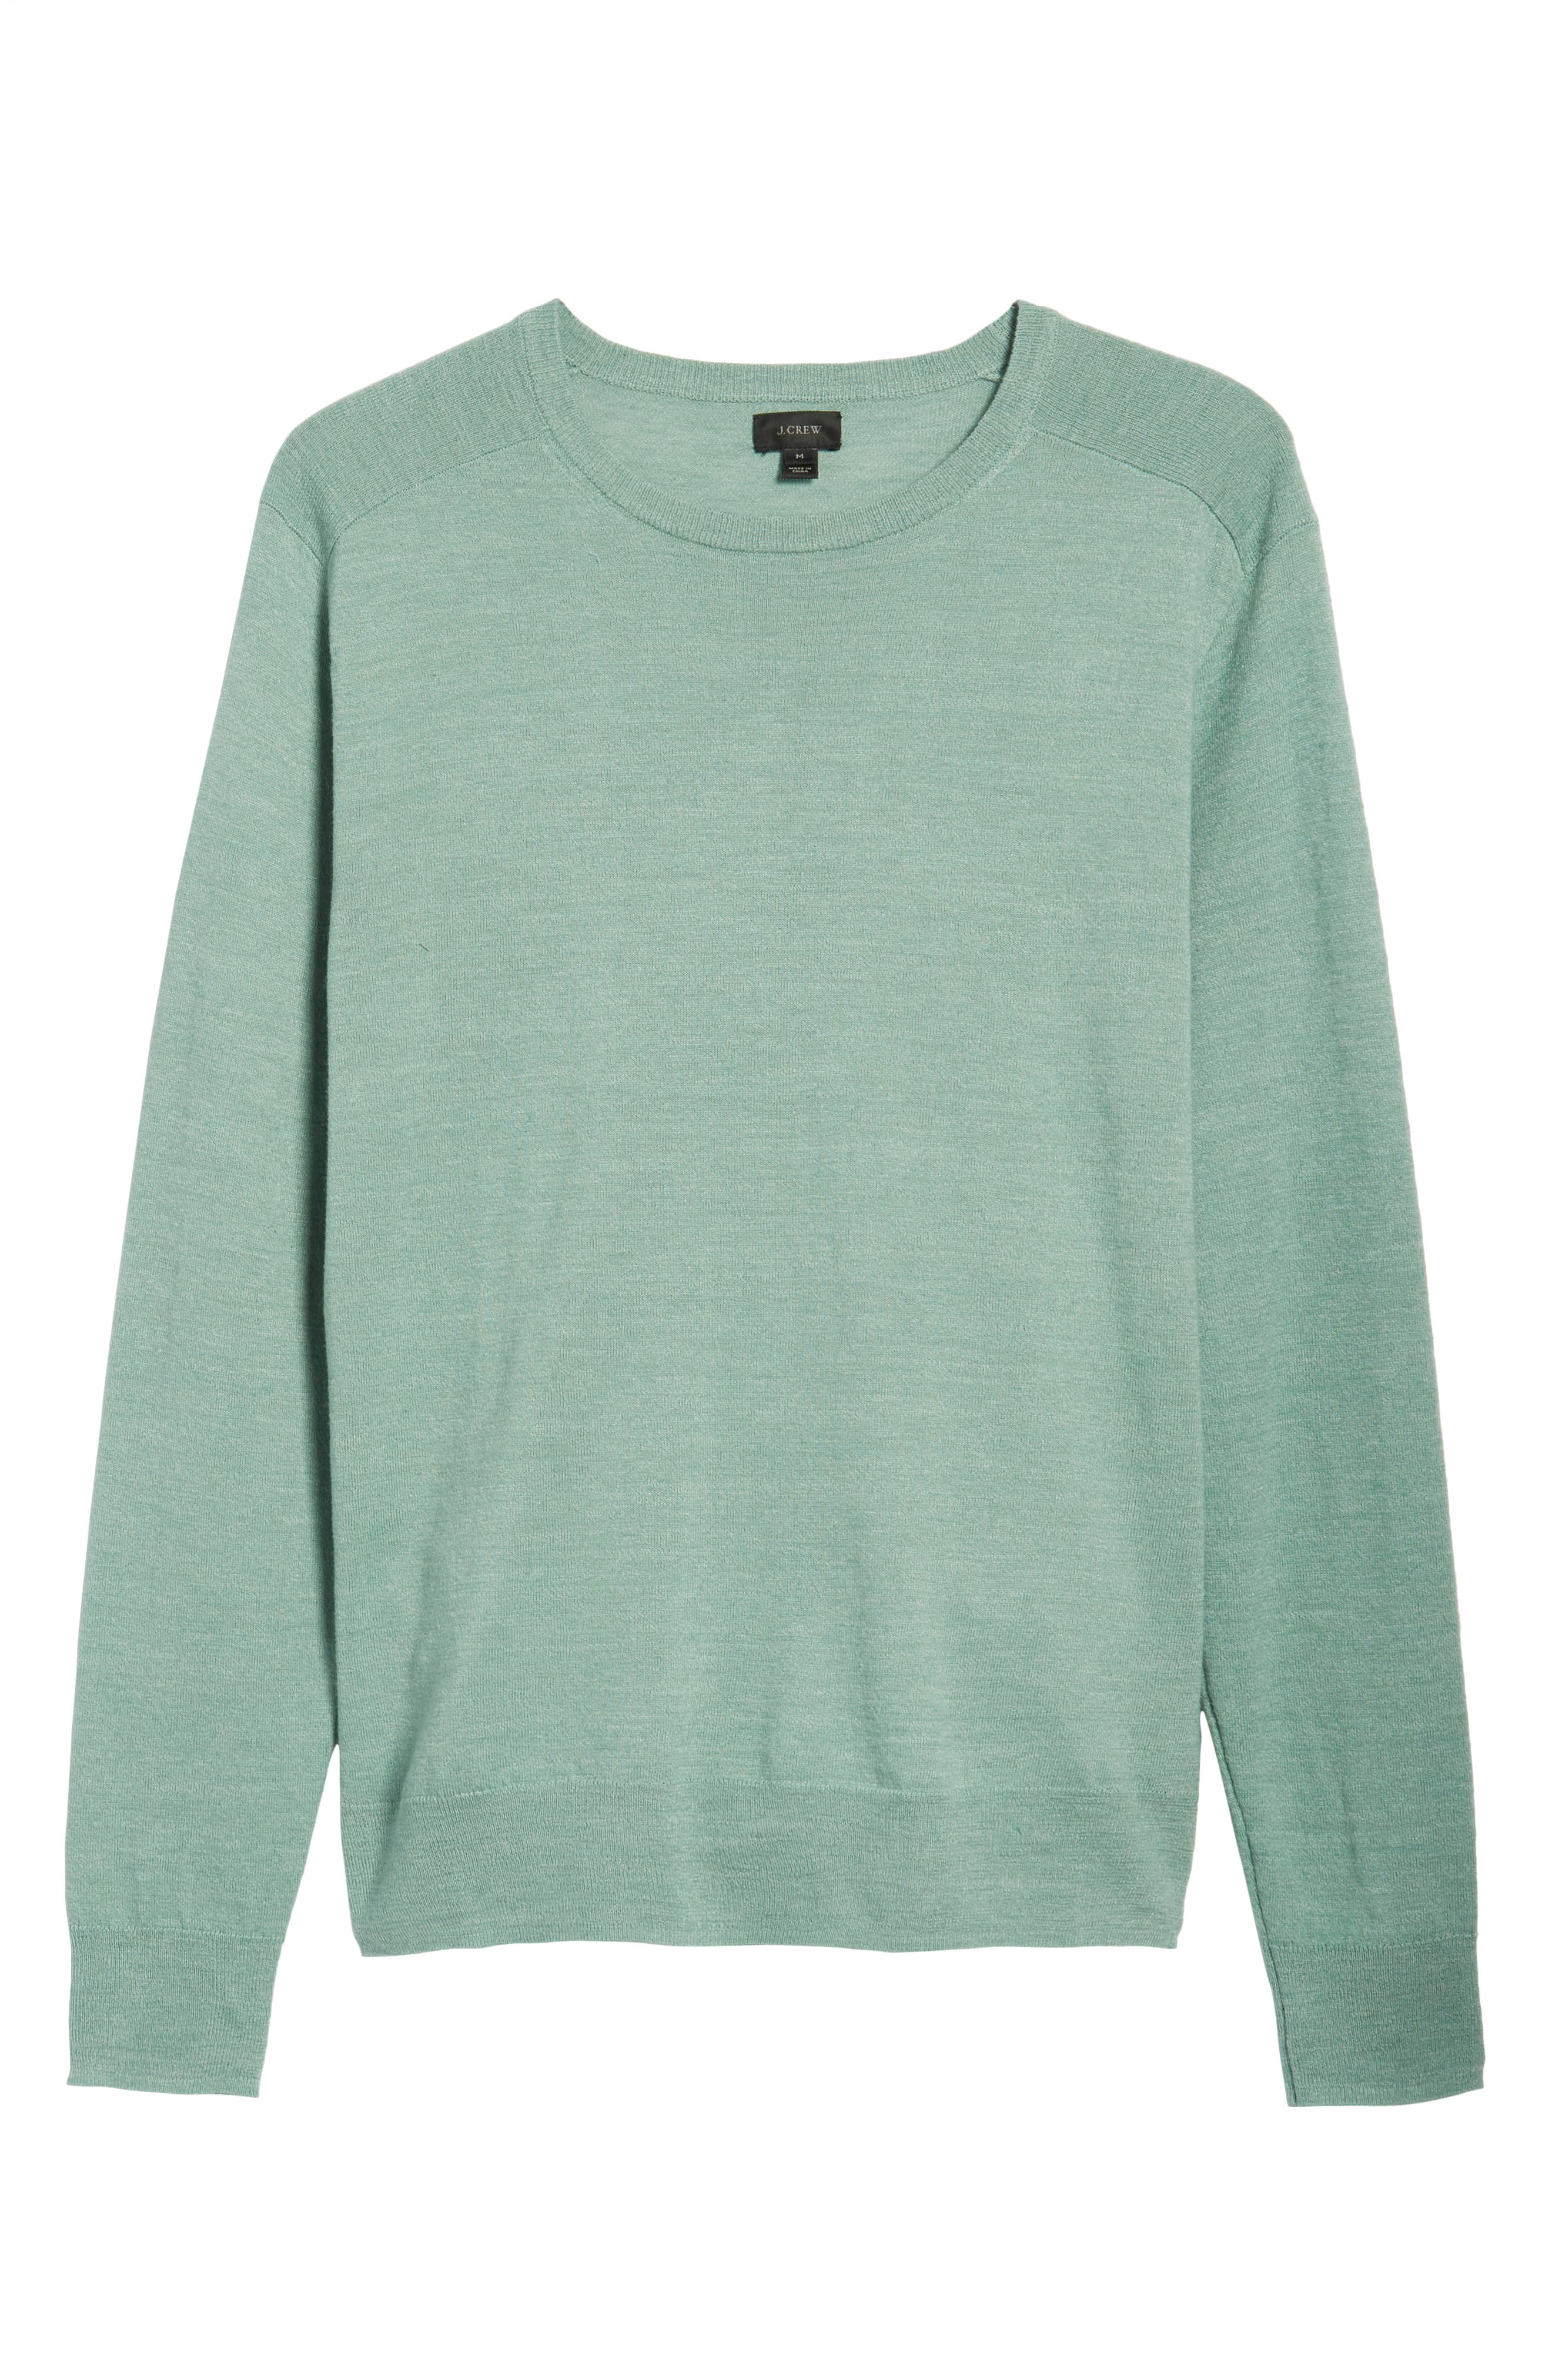 Cotton Blend Crewneck Sweater,                             Alternate thumbnail 22, color,